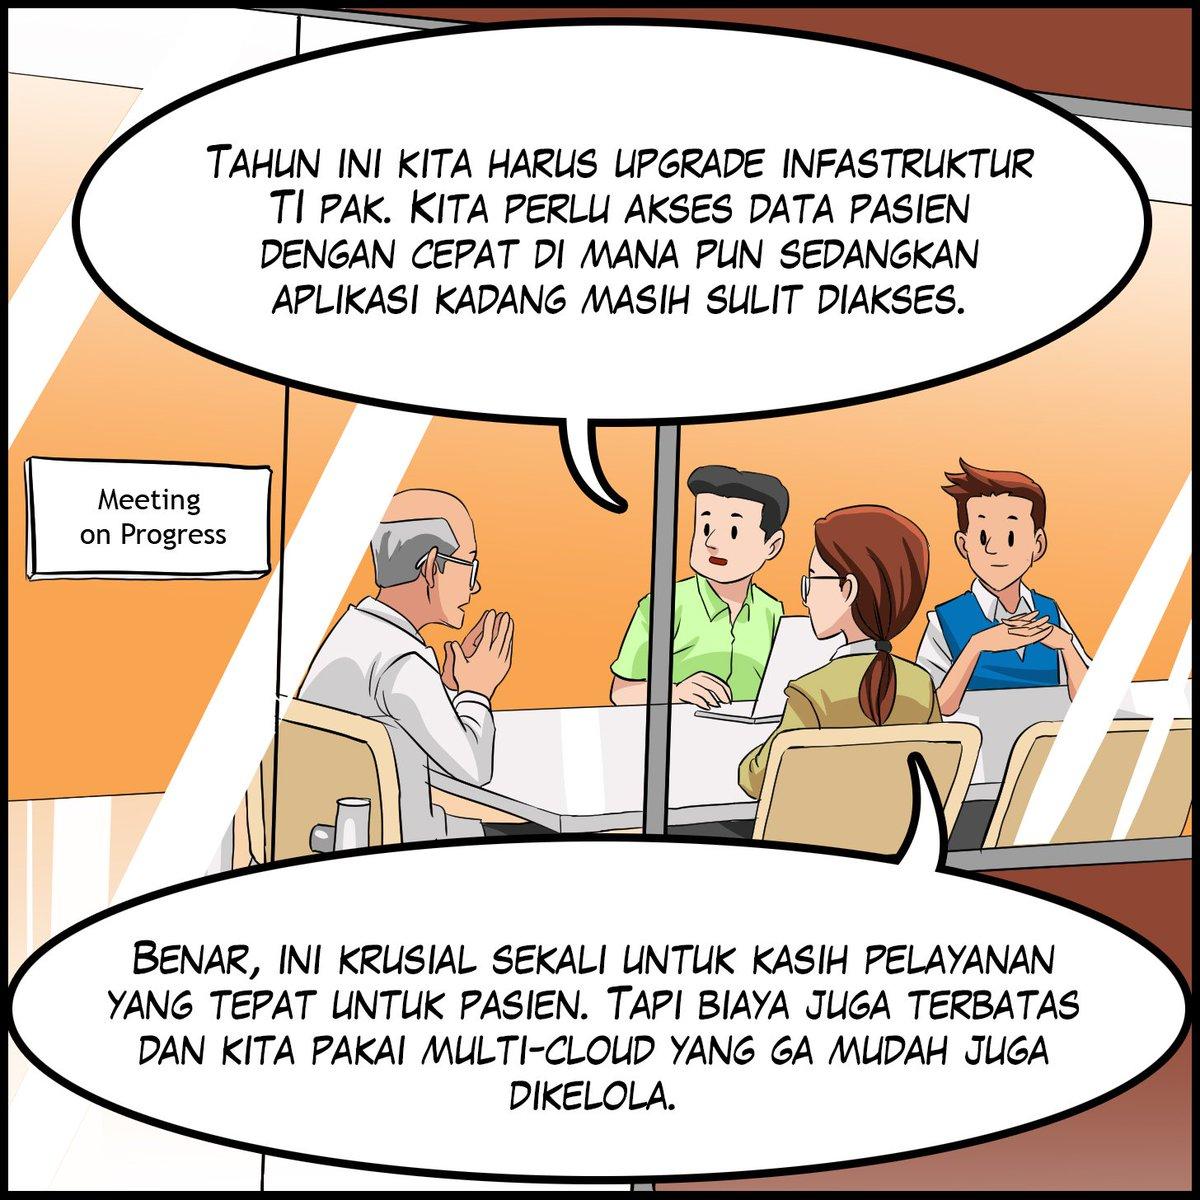 Tech Data Indonesia On Twitter Transformasi Digital Dengan Netapphci Menghemat Biaya Tco Hingga 33 Terukur Fleksibel Dan Mudah Adalah Keunggulan Netapphci Sehingga Kamu Bisa Readyfornext Kunjungi Https T Co N1bmtkvde9 Https T Co Xlqr6n92qw